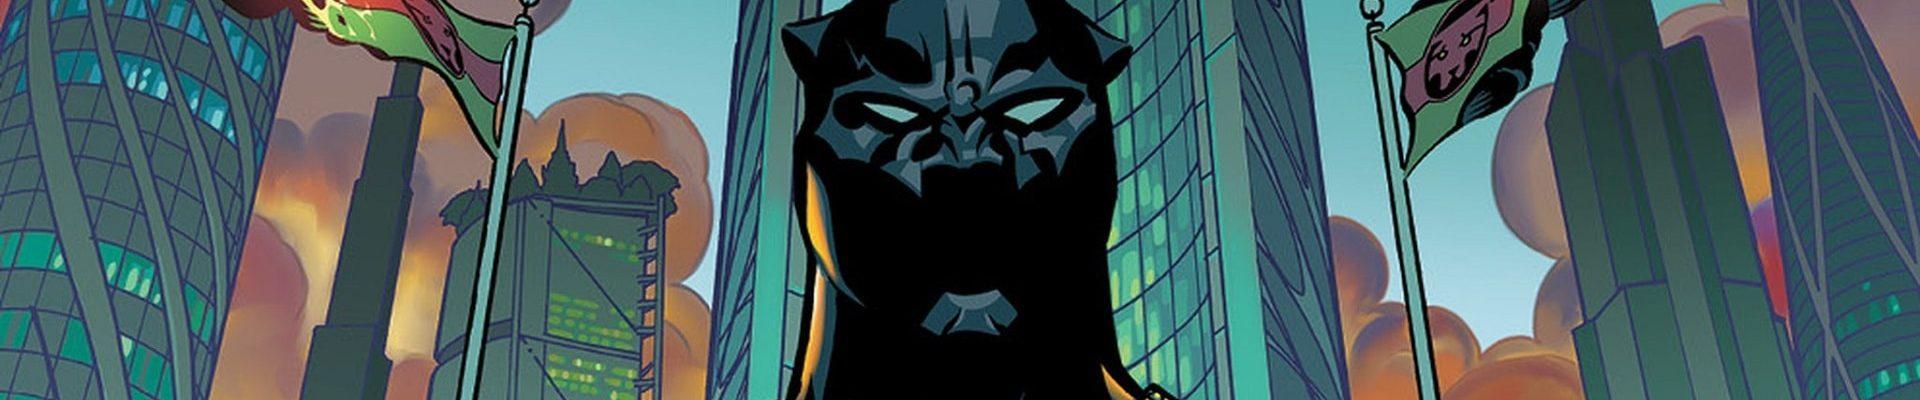 Black Panther Legacy